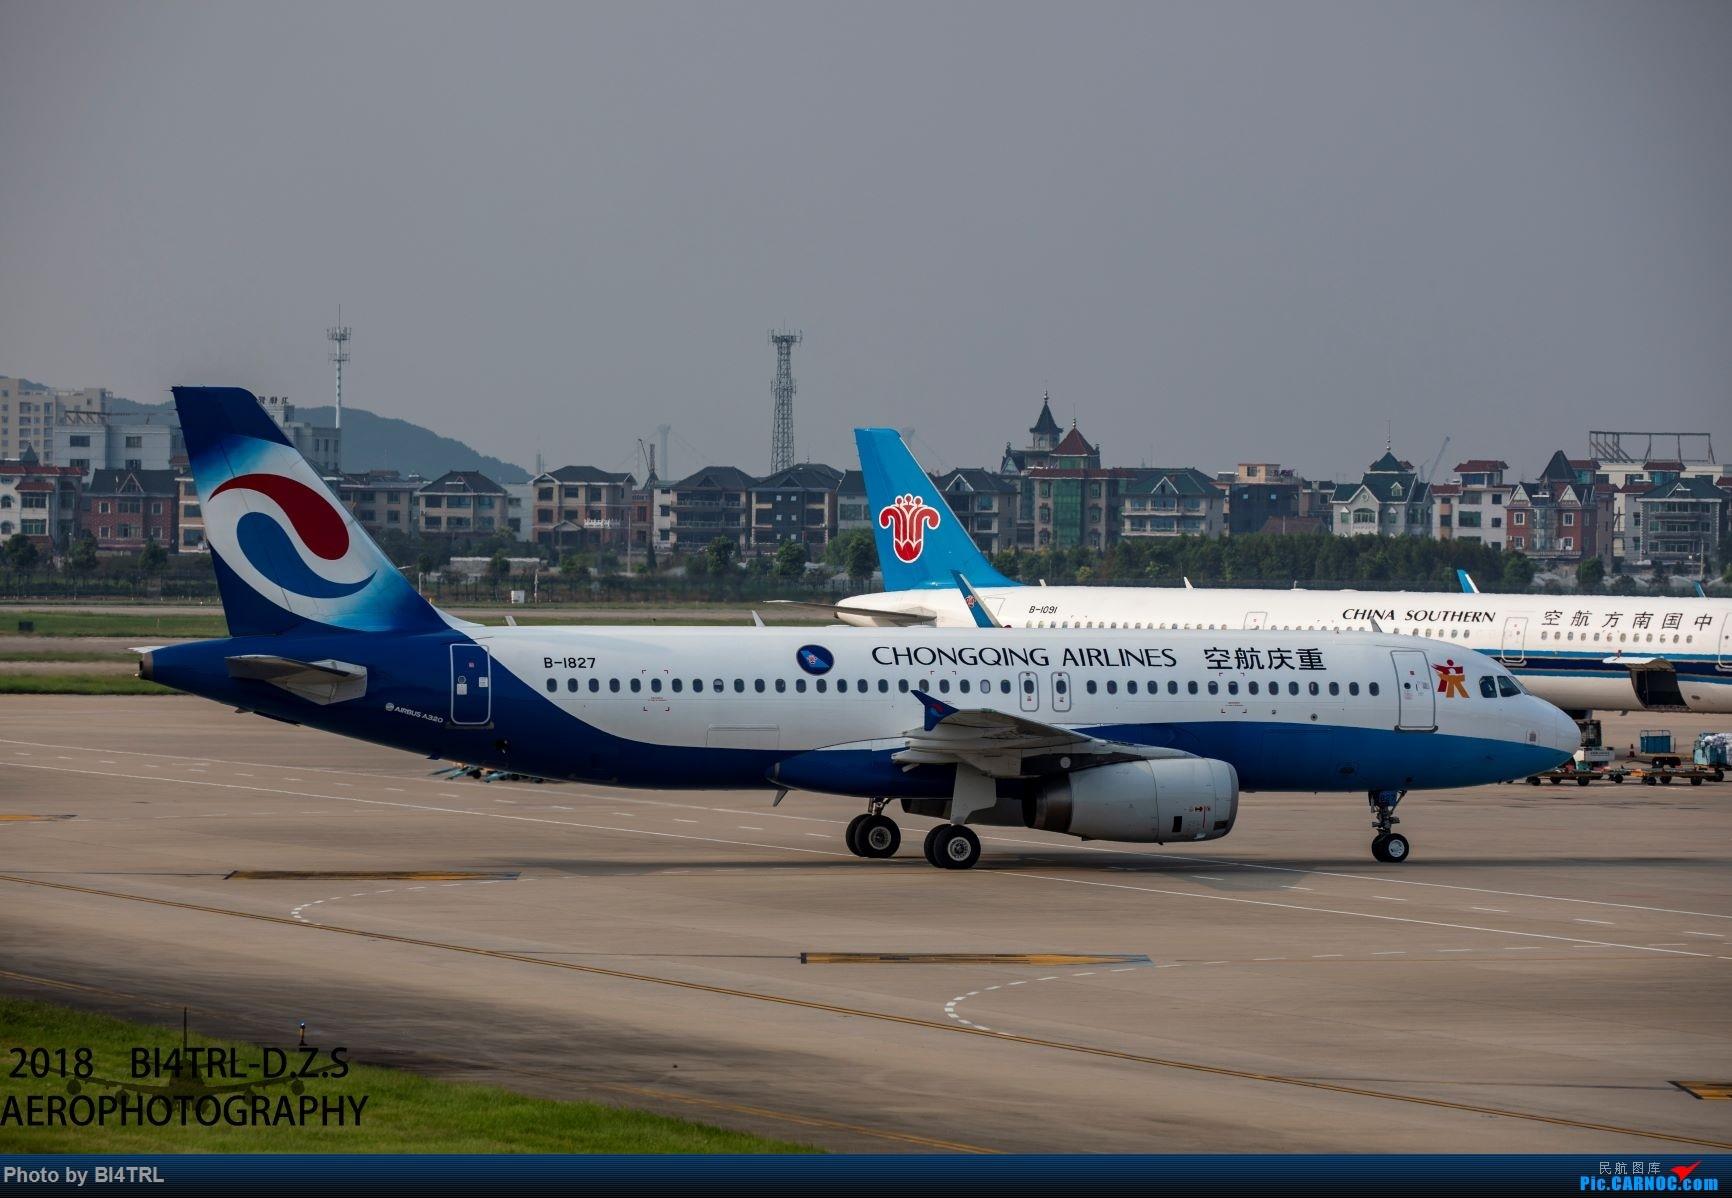 [原创]重庆航空B-1827 A320 HGH AIRBUS A320-200 B-1827 中国杭州萧山国际机场